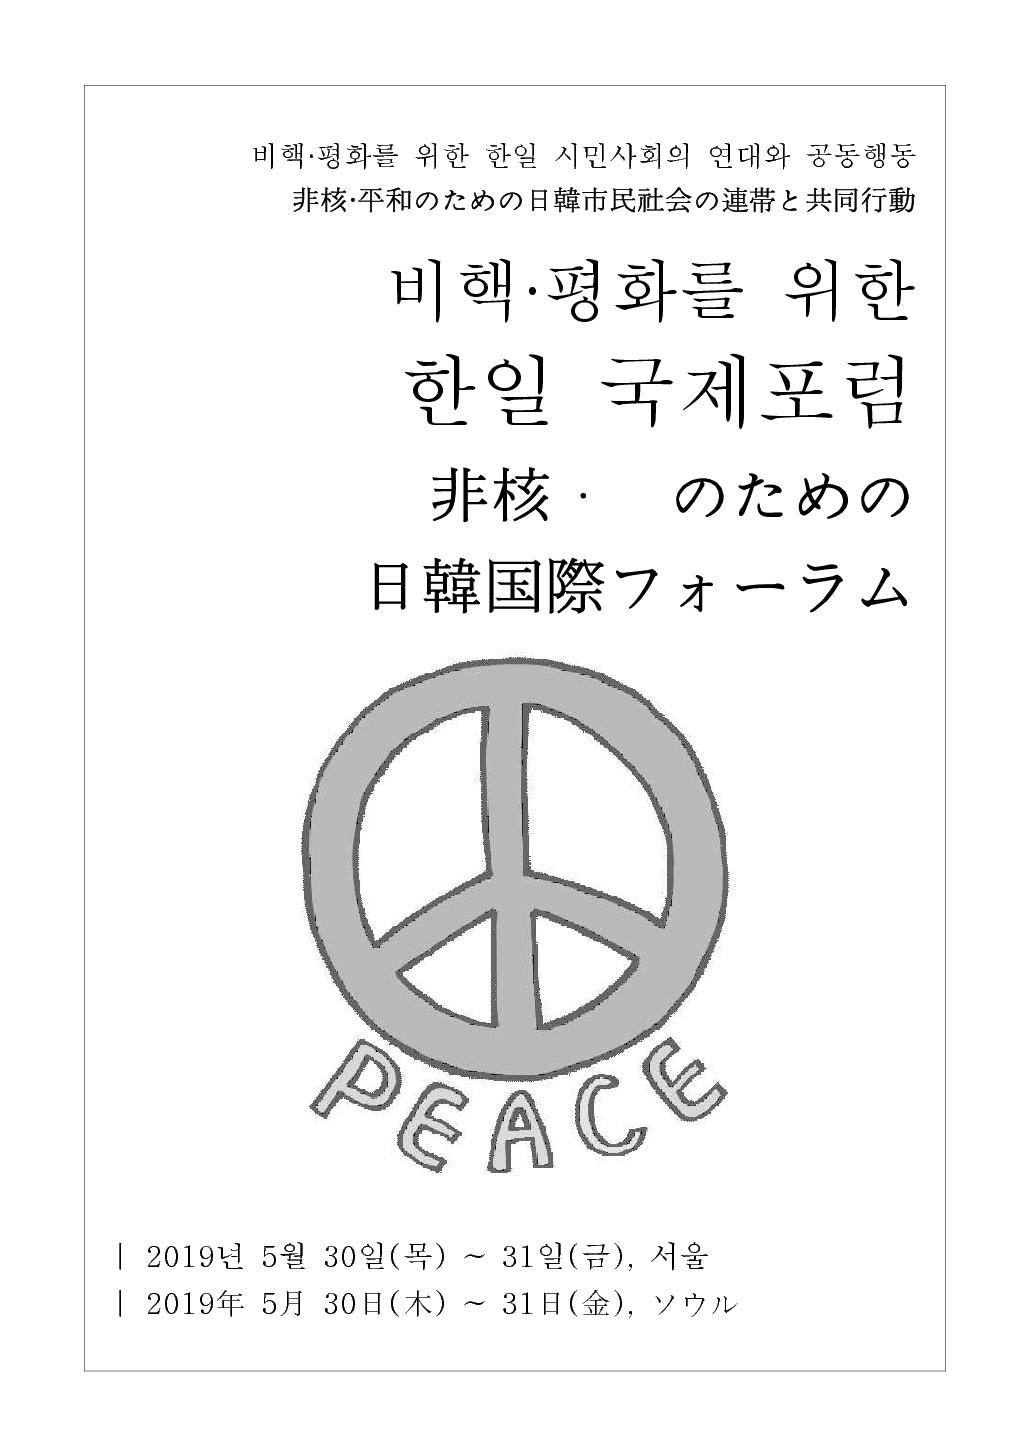 2019 비핵평화를 위한 한일국제포럼 자료집 - 2019.5.30 - 표지